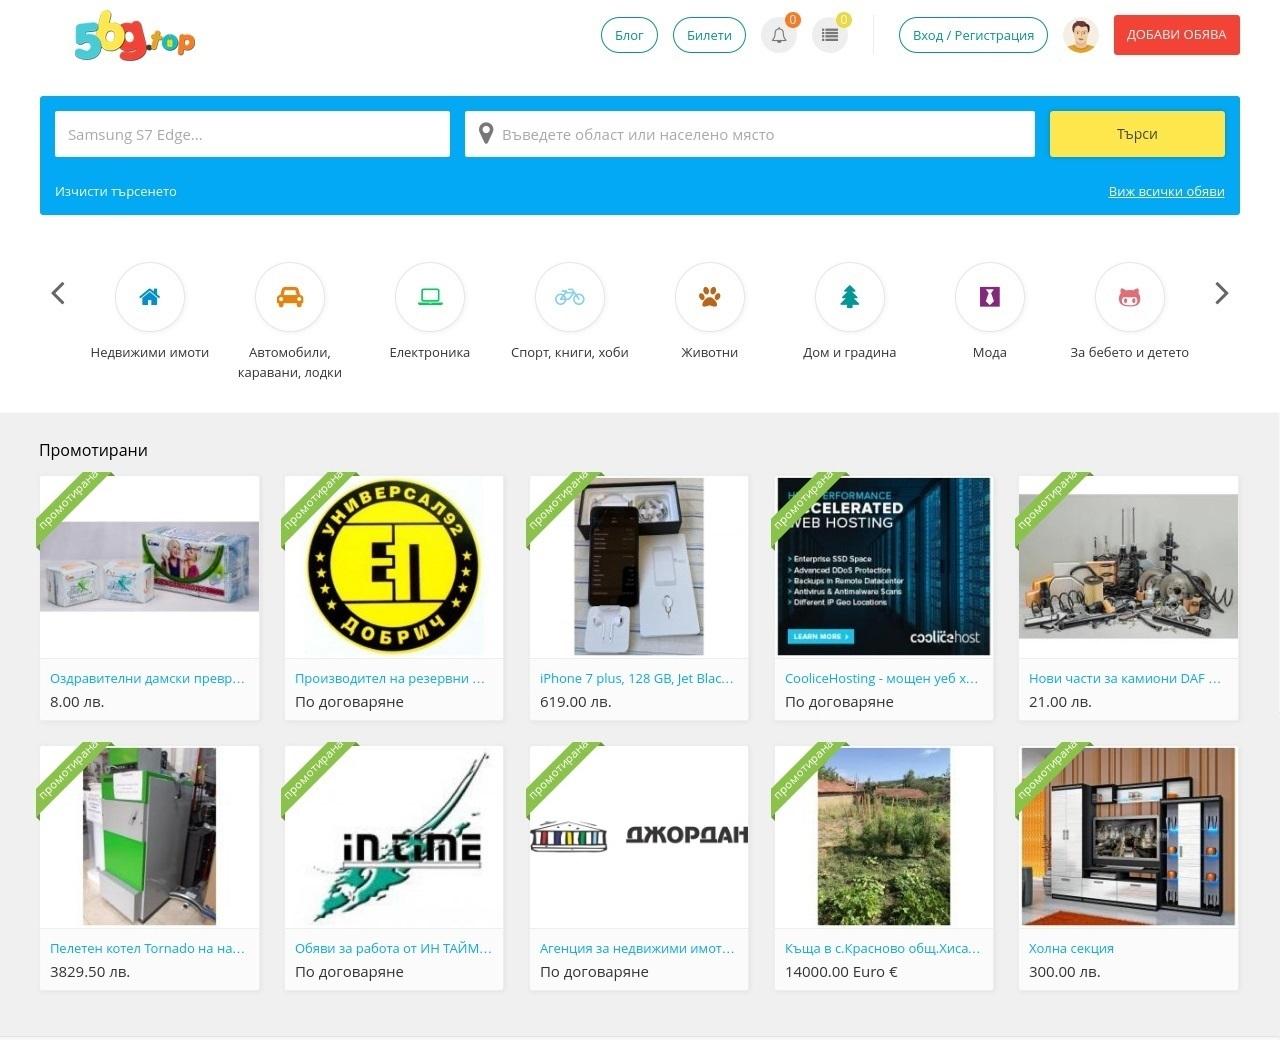 Изграждане и SEO на 5bg.top - prodavalnik.top - безплатни обяви продавалник olx bazar alo СЕО.БГ реклама СЕО оптимизация, реклама, изграждане на сайтове, маркетинг, изработка на сайтове, уеб дизайн, SEO, онлайн магазини и други